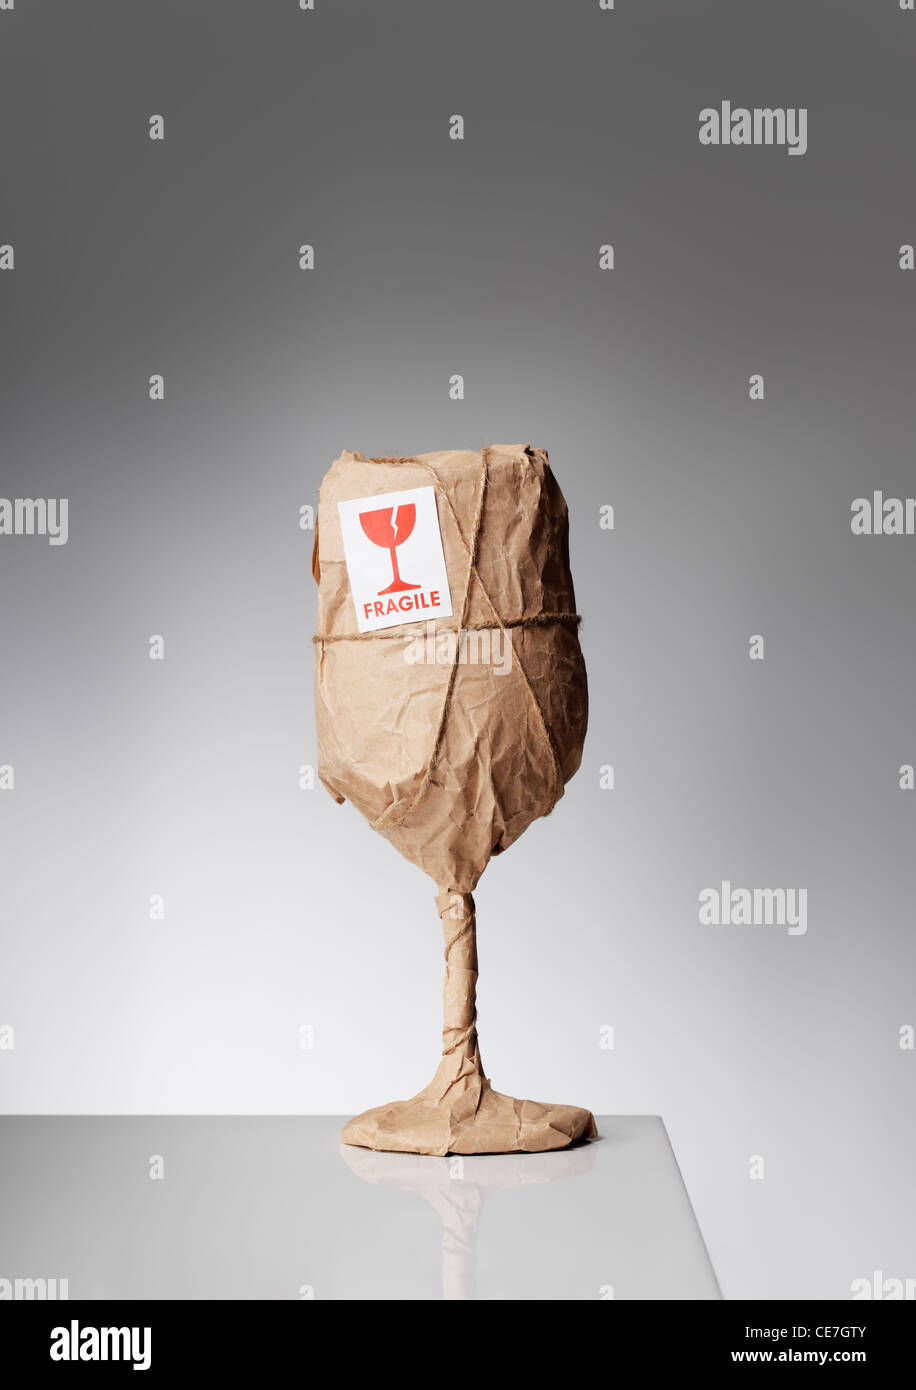 De toute évidence, un objet fragile enveloppée dans du papier et avec un autocollant 'fragile'. Photo Stock